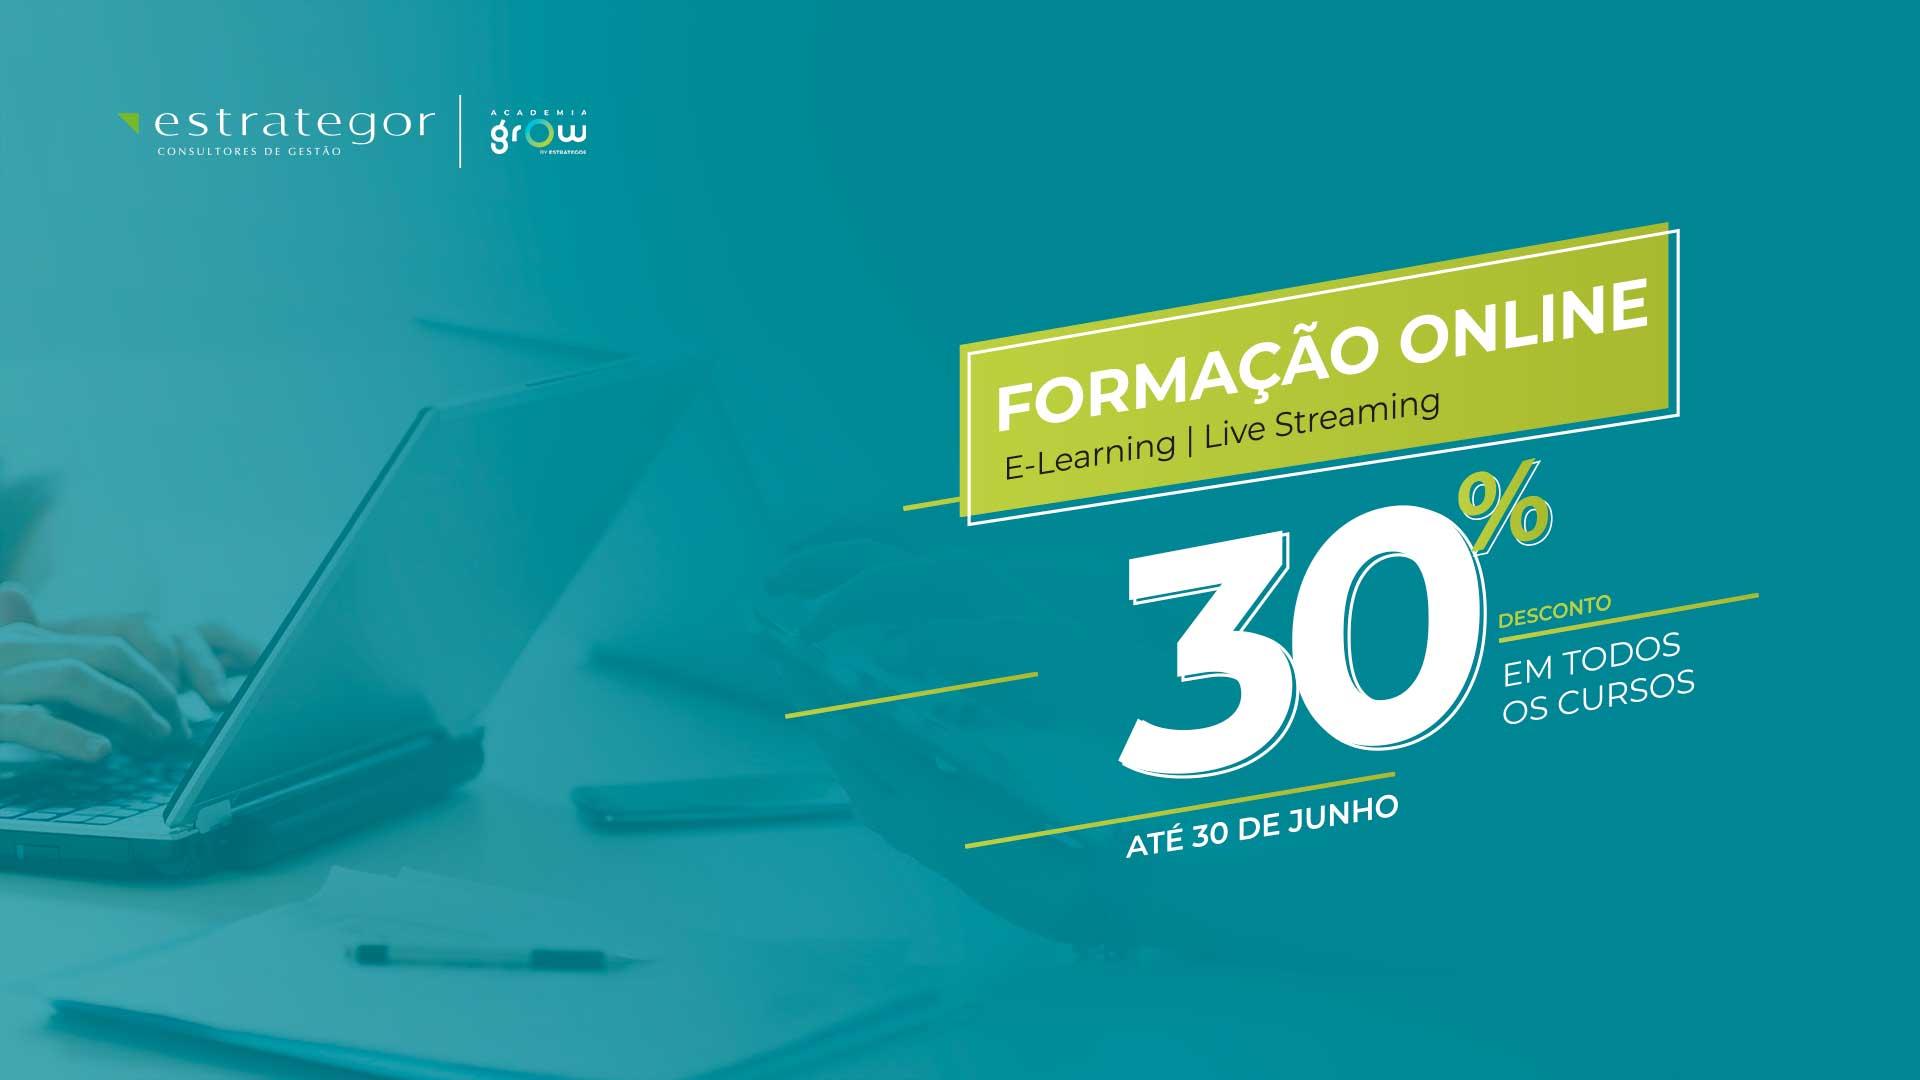 Academia Grow lança campanha com 30% Desconto em todos os cursos online